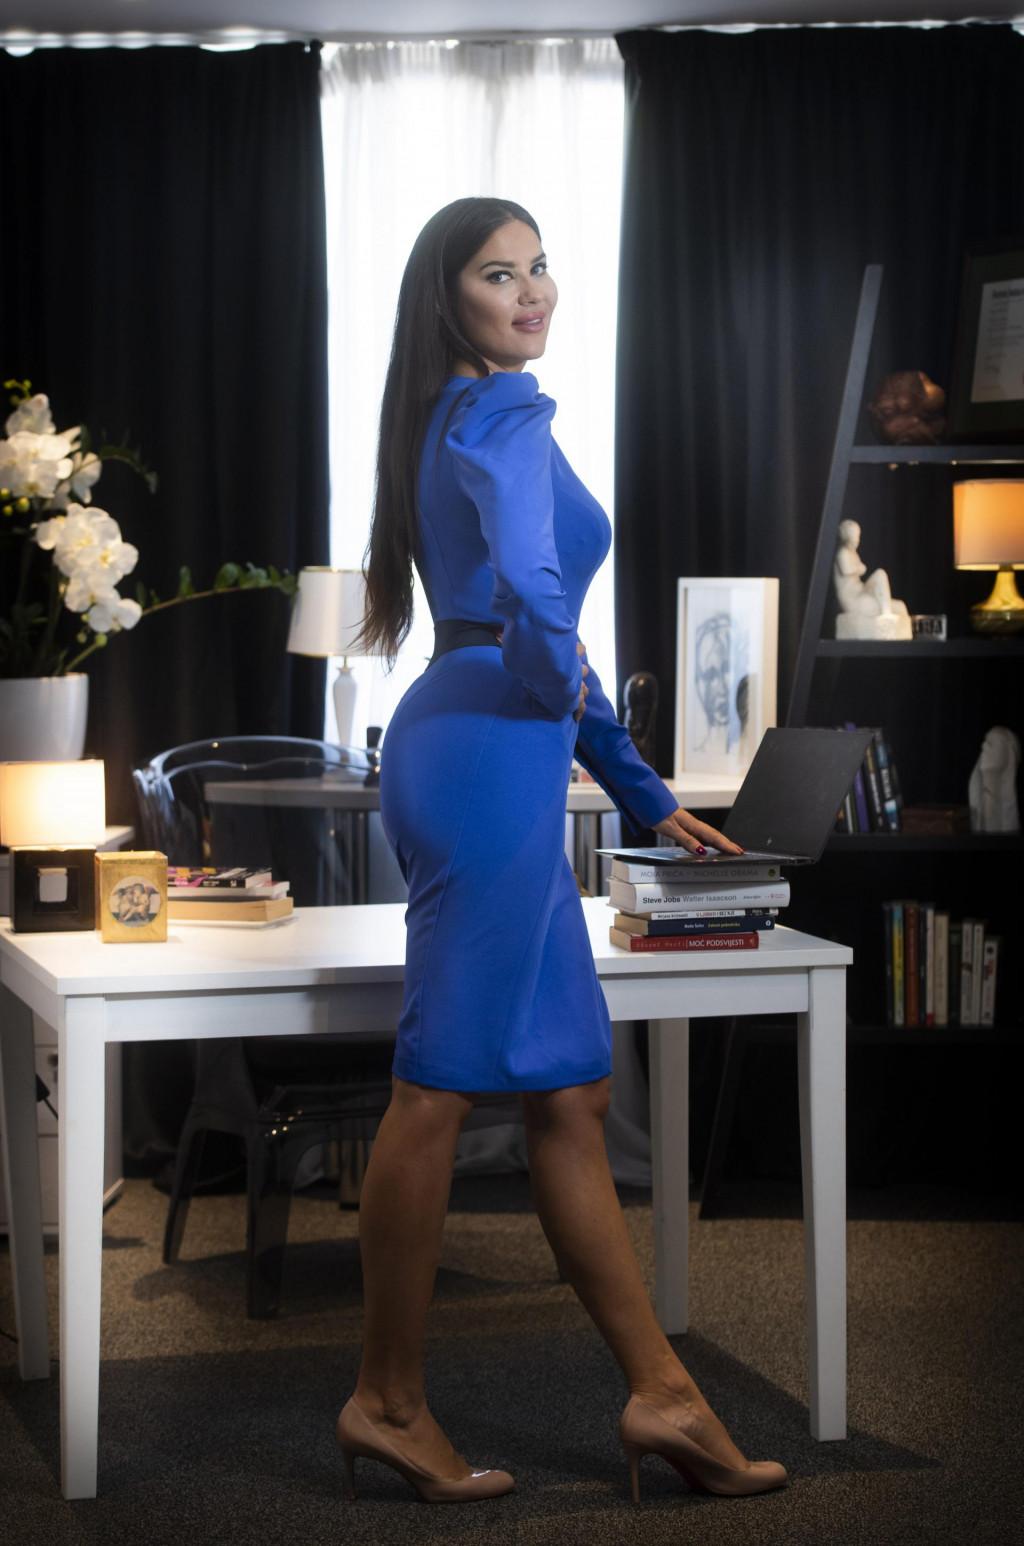 Biljana Mančić u svojem uredu, odjevena u haljinu koju je za nju dizajnirao prijatelj Šime Kovačević